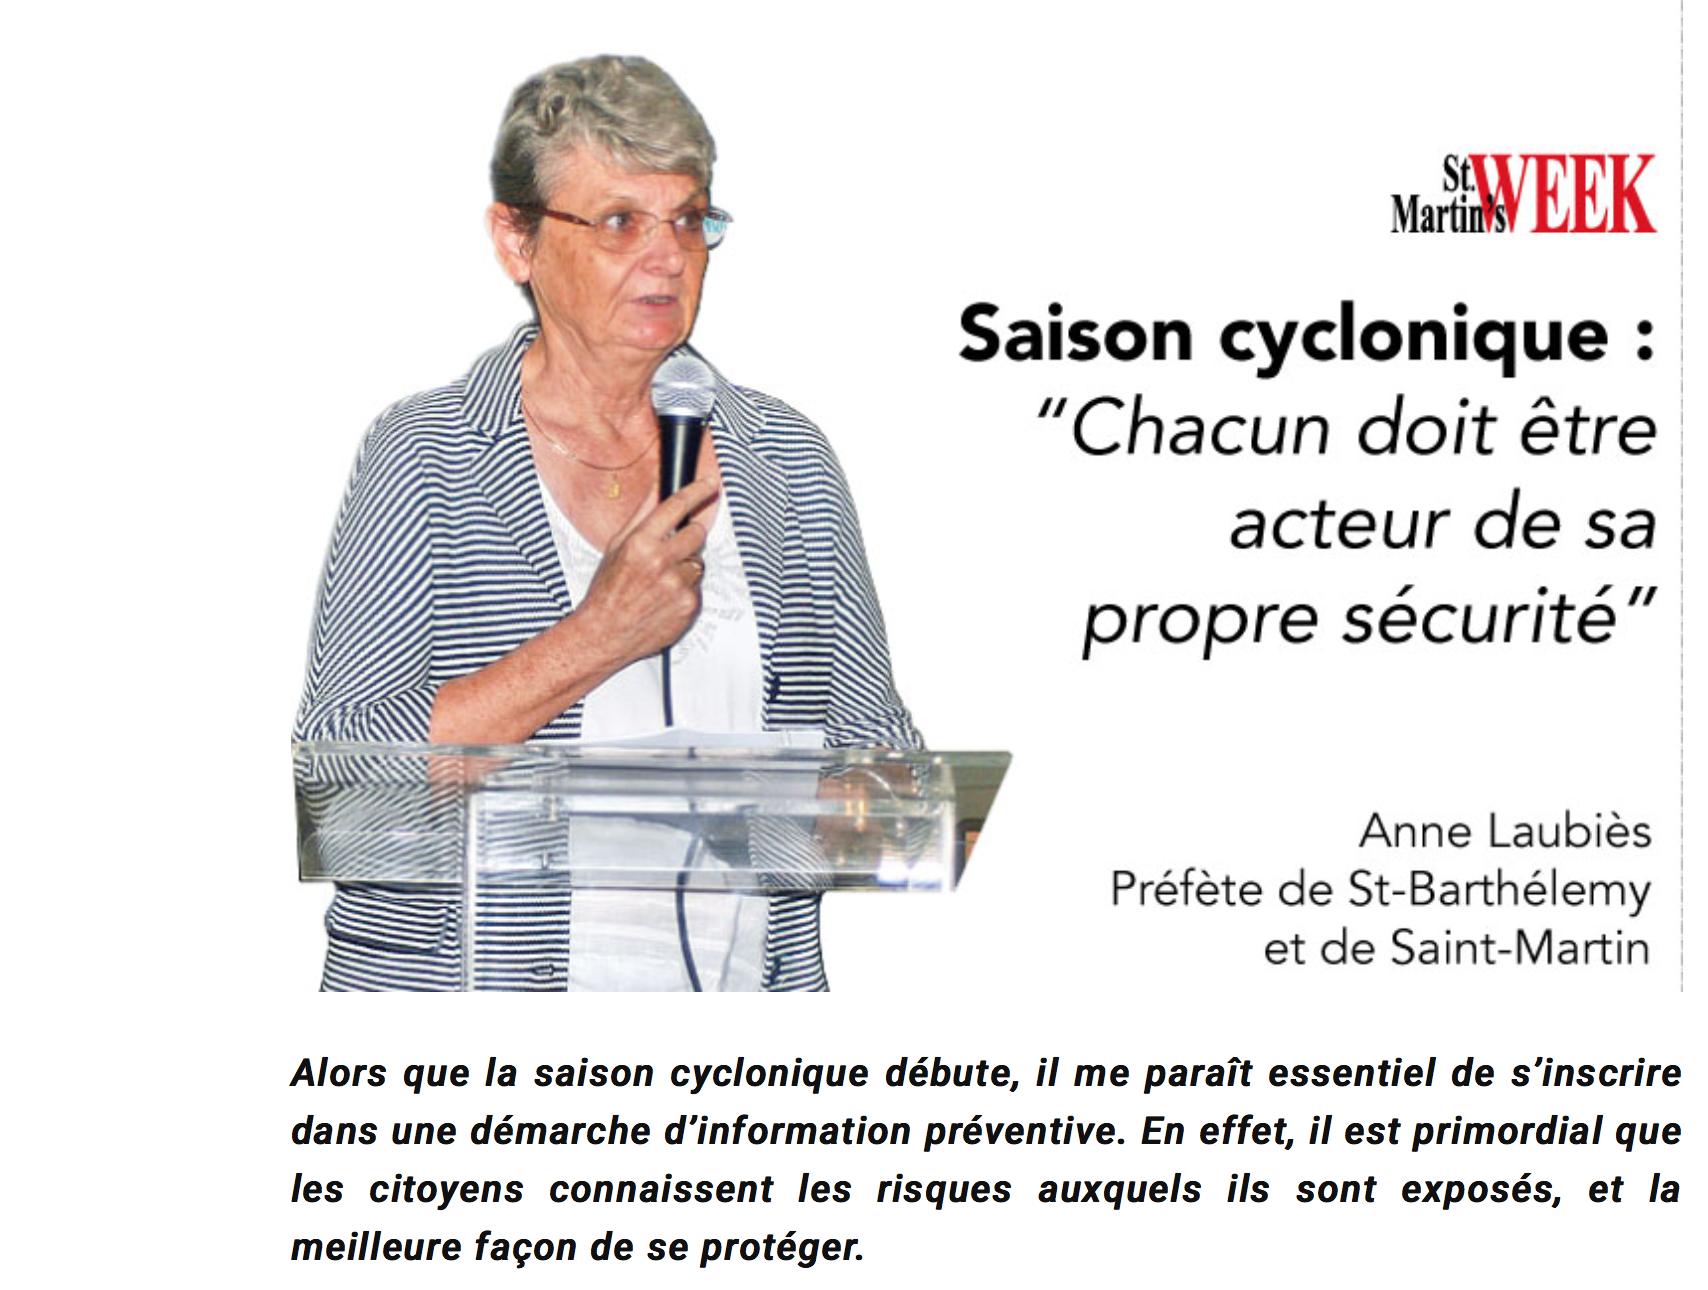 Le Préfet de Guadeloupe salue l'action du sous-préfet Anne Laubiès  !